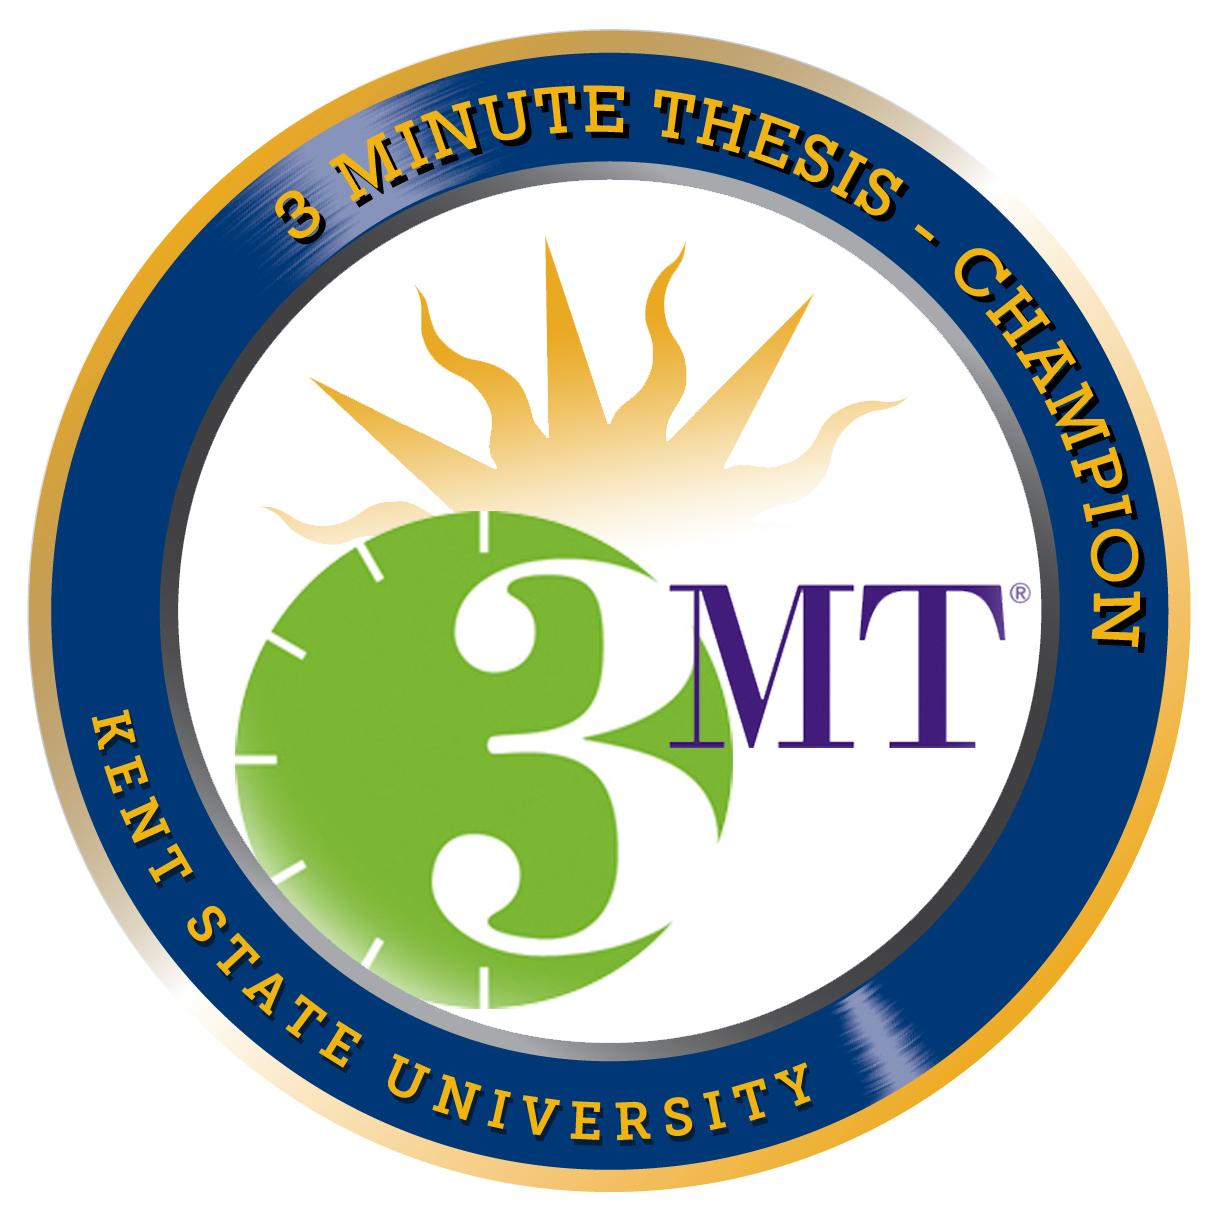 home ubuntu readabout.me tmp 1447960068 94 zip badge grad studies merit badge 3mt champion